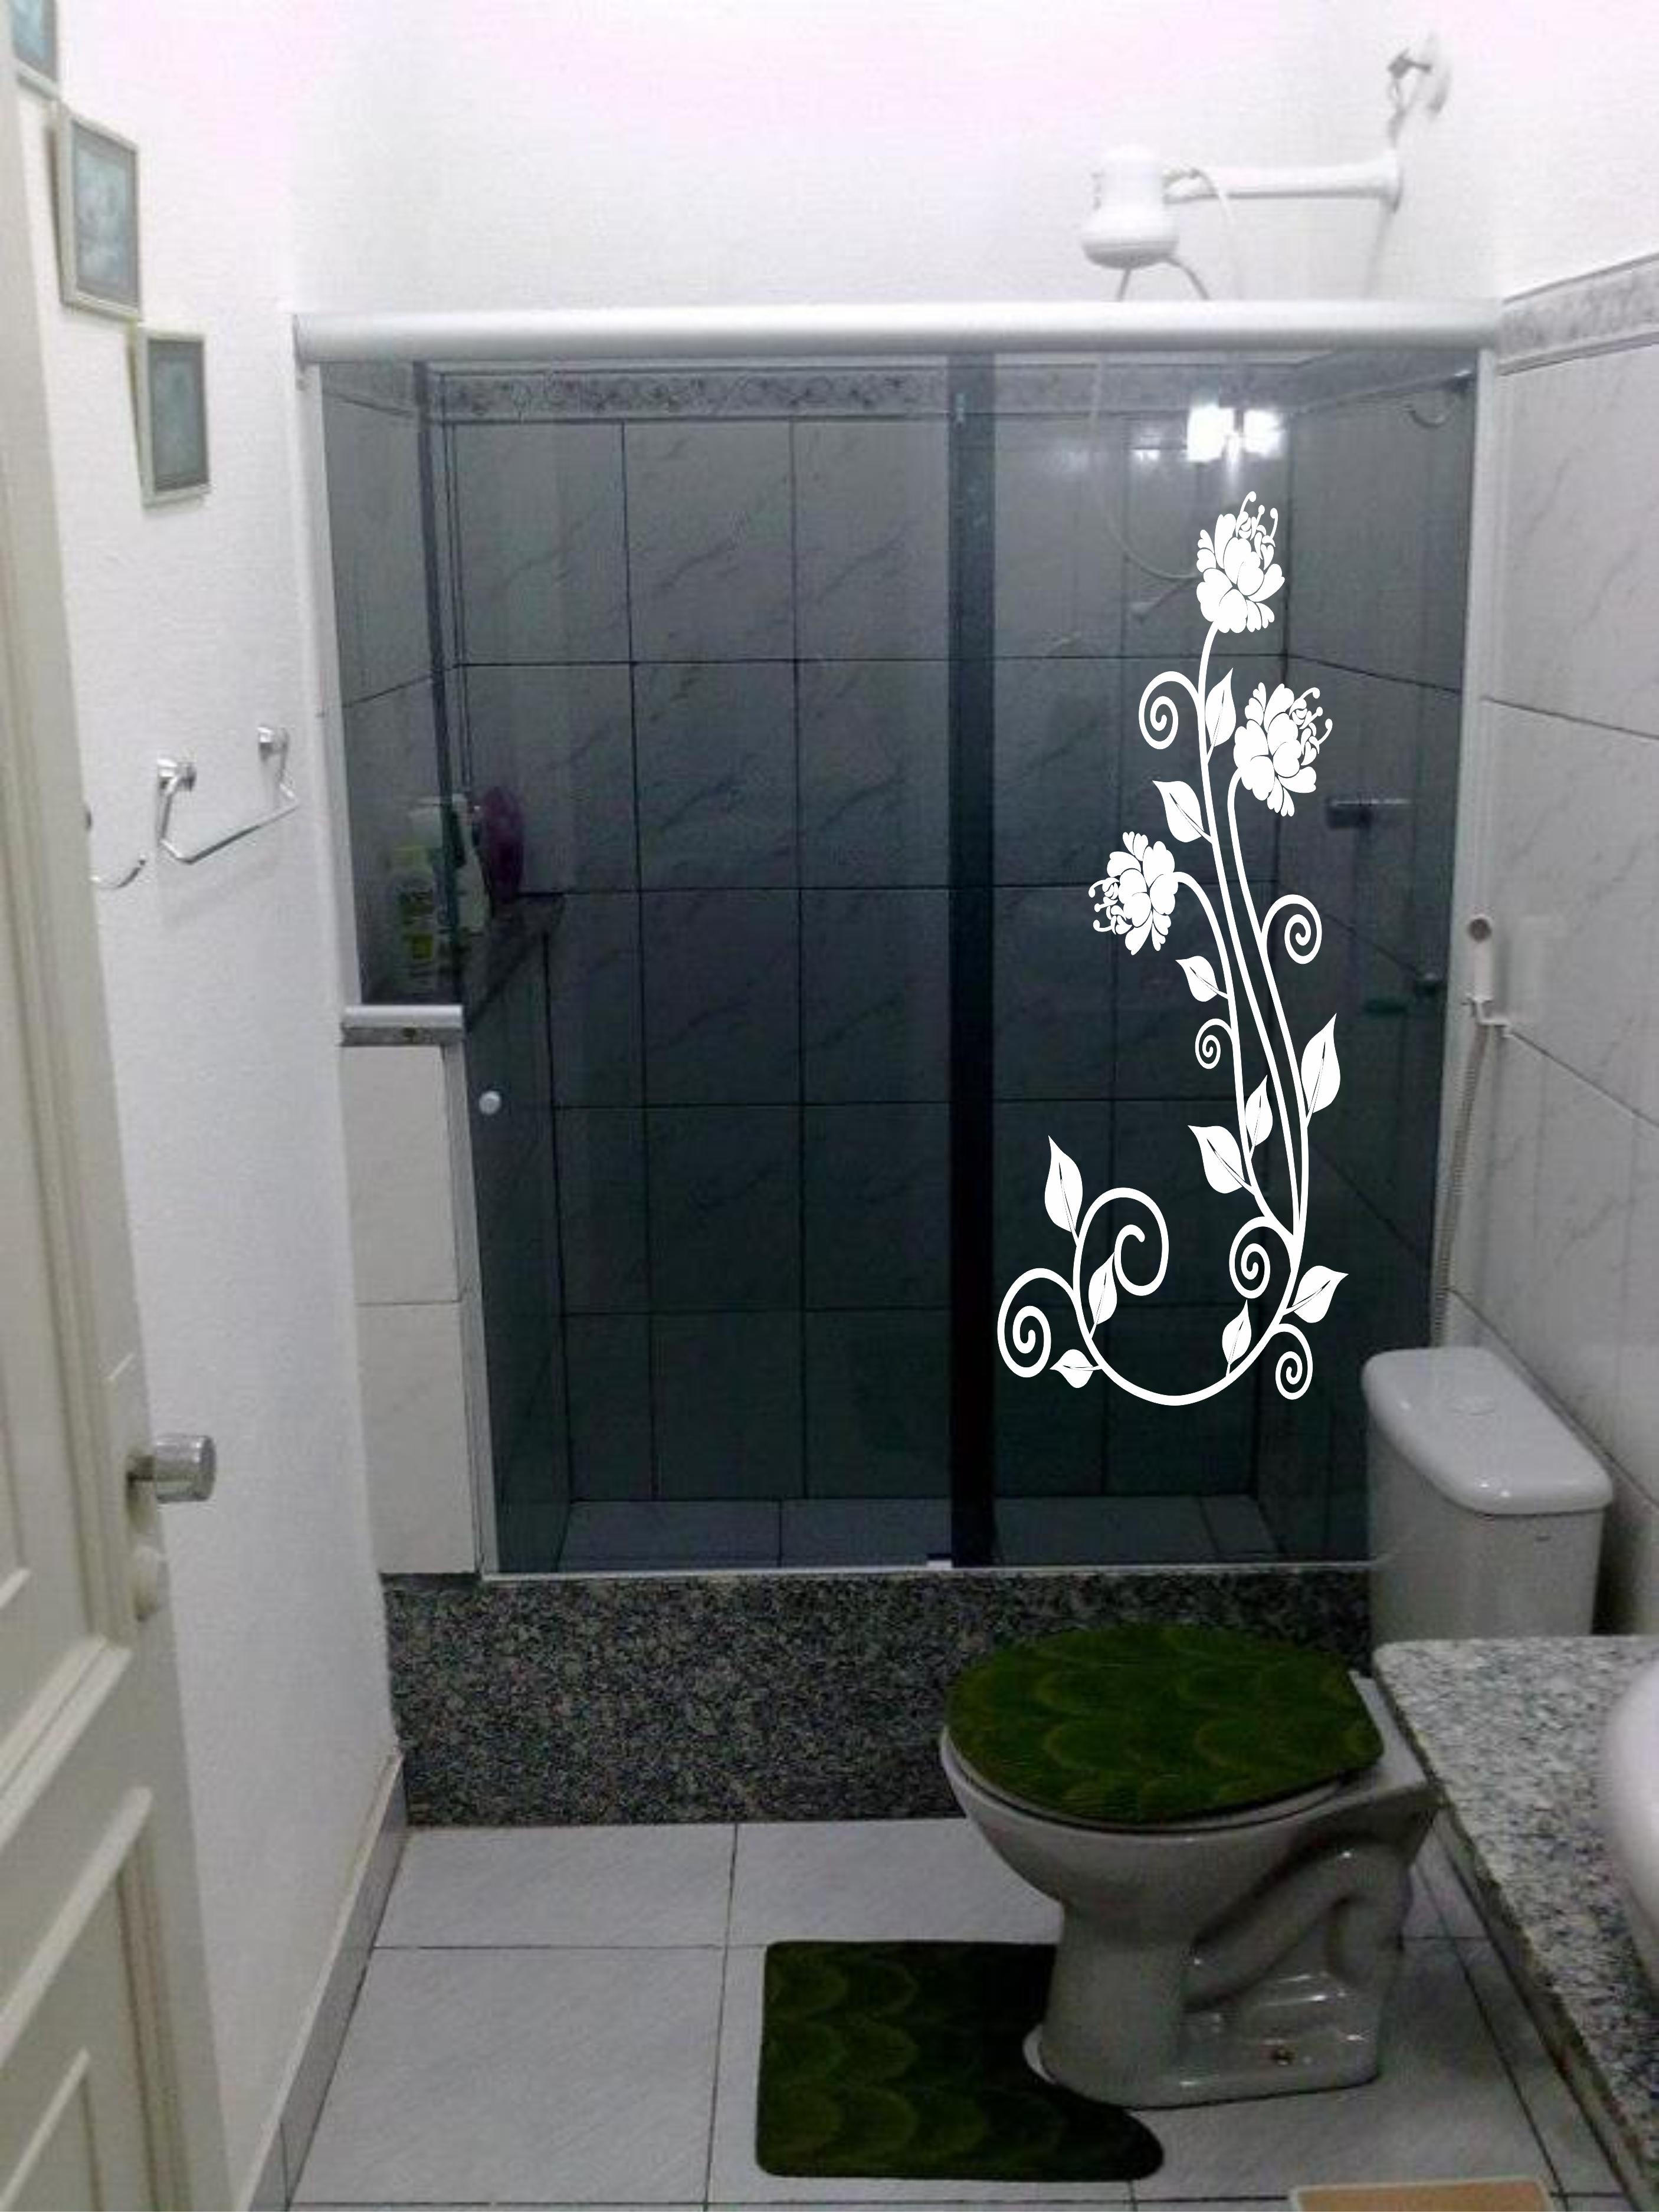 Imagens de #665C4C Adesivo Box Blindex banheiro Adesivos Sempre Viva Elo7 2812x3750 px 3484 Blindex Para Banheiro Rj